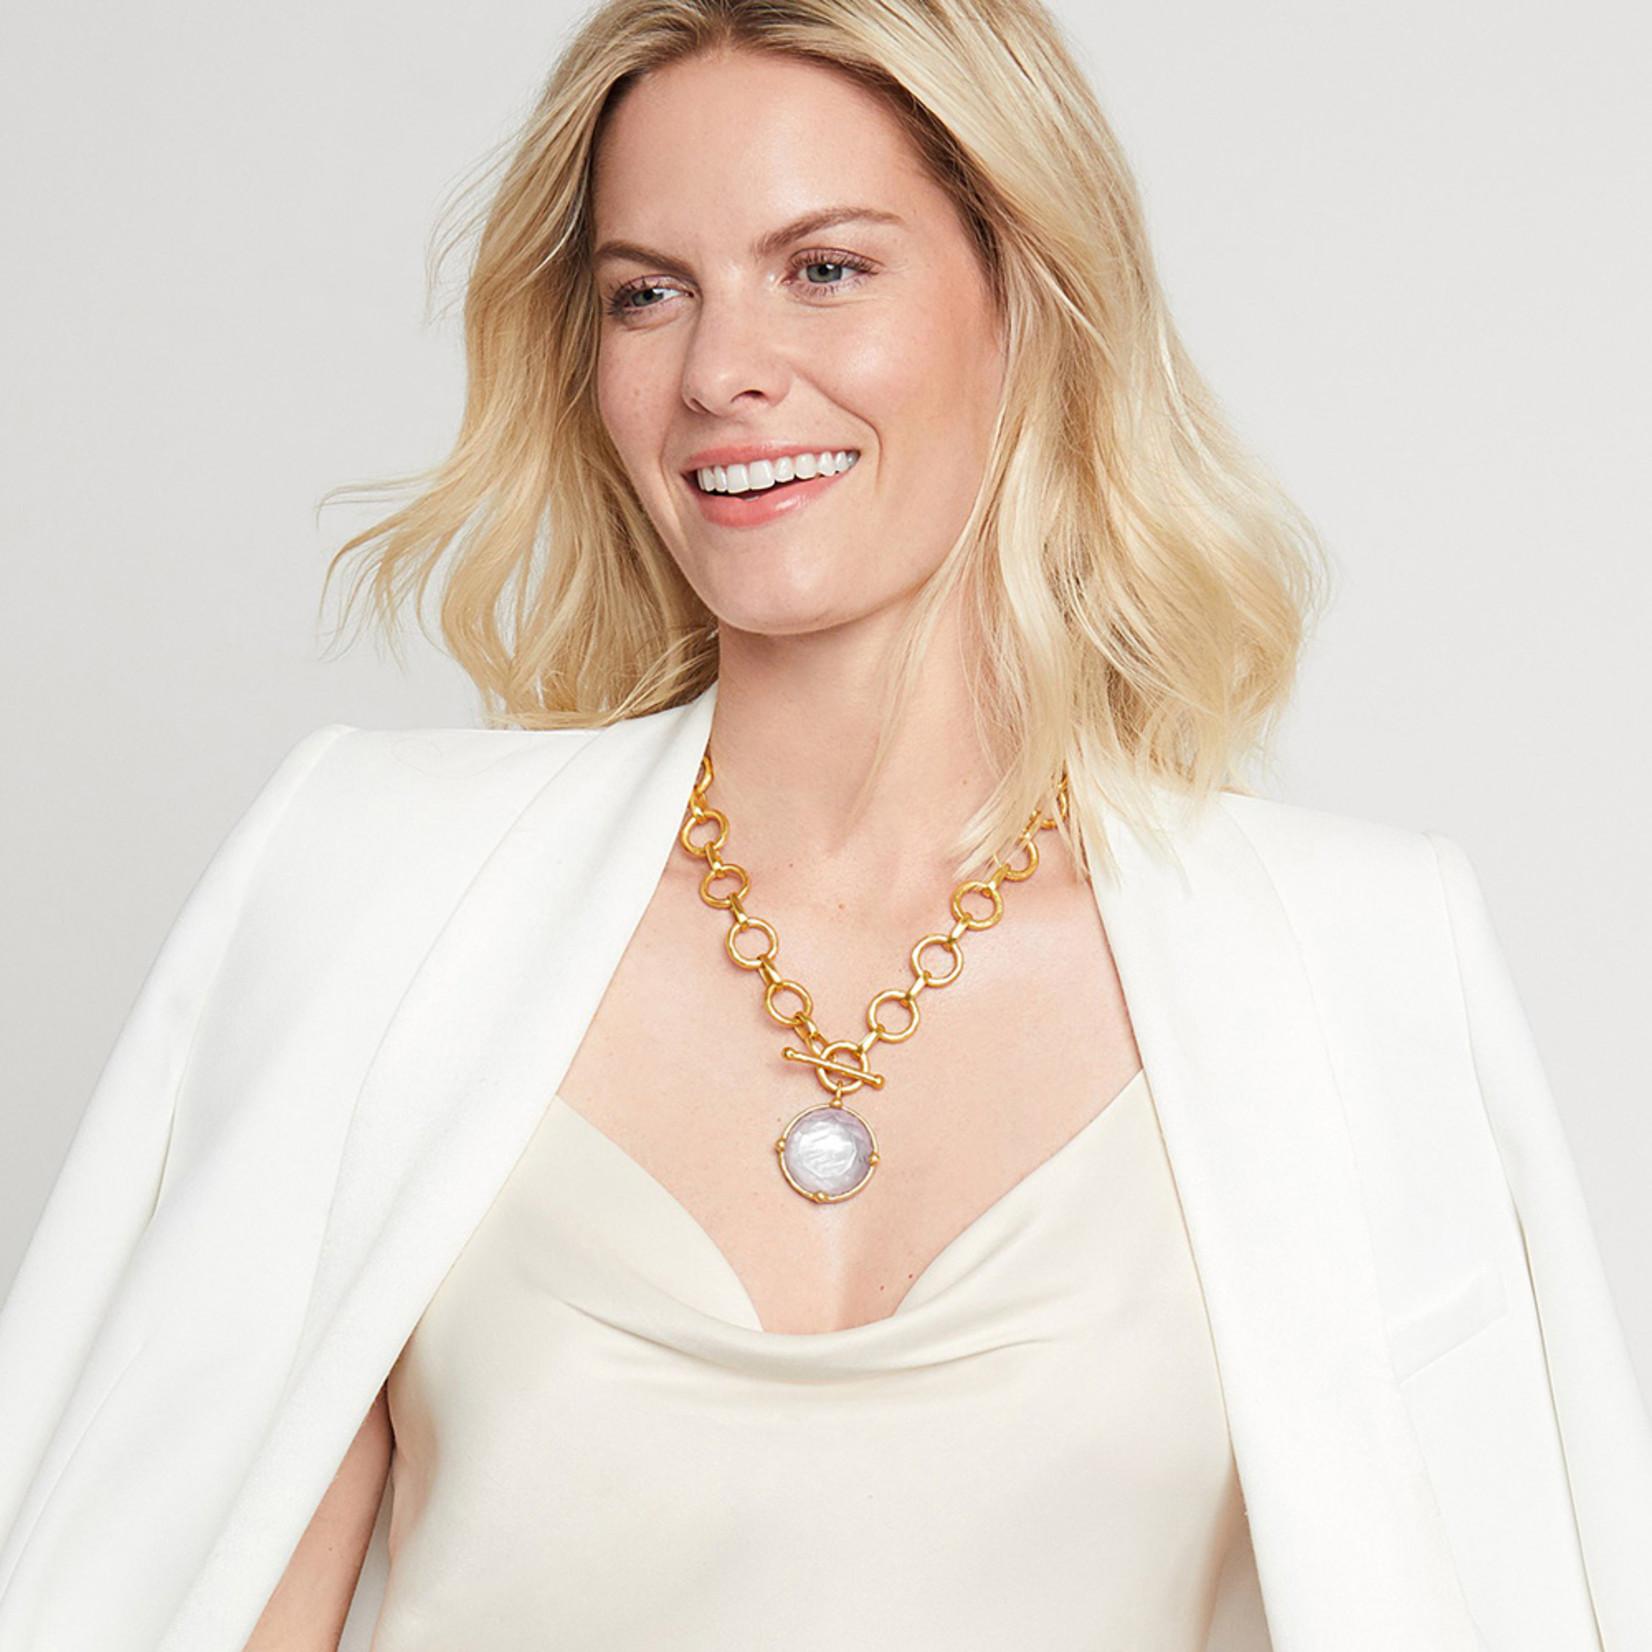 Julie Vos Honeybee Statement Necklace